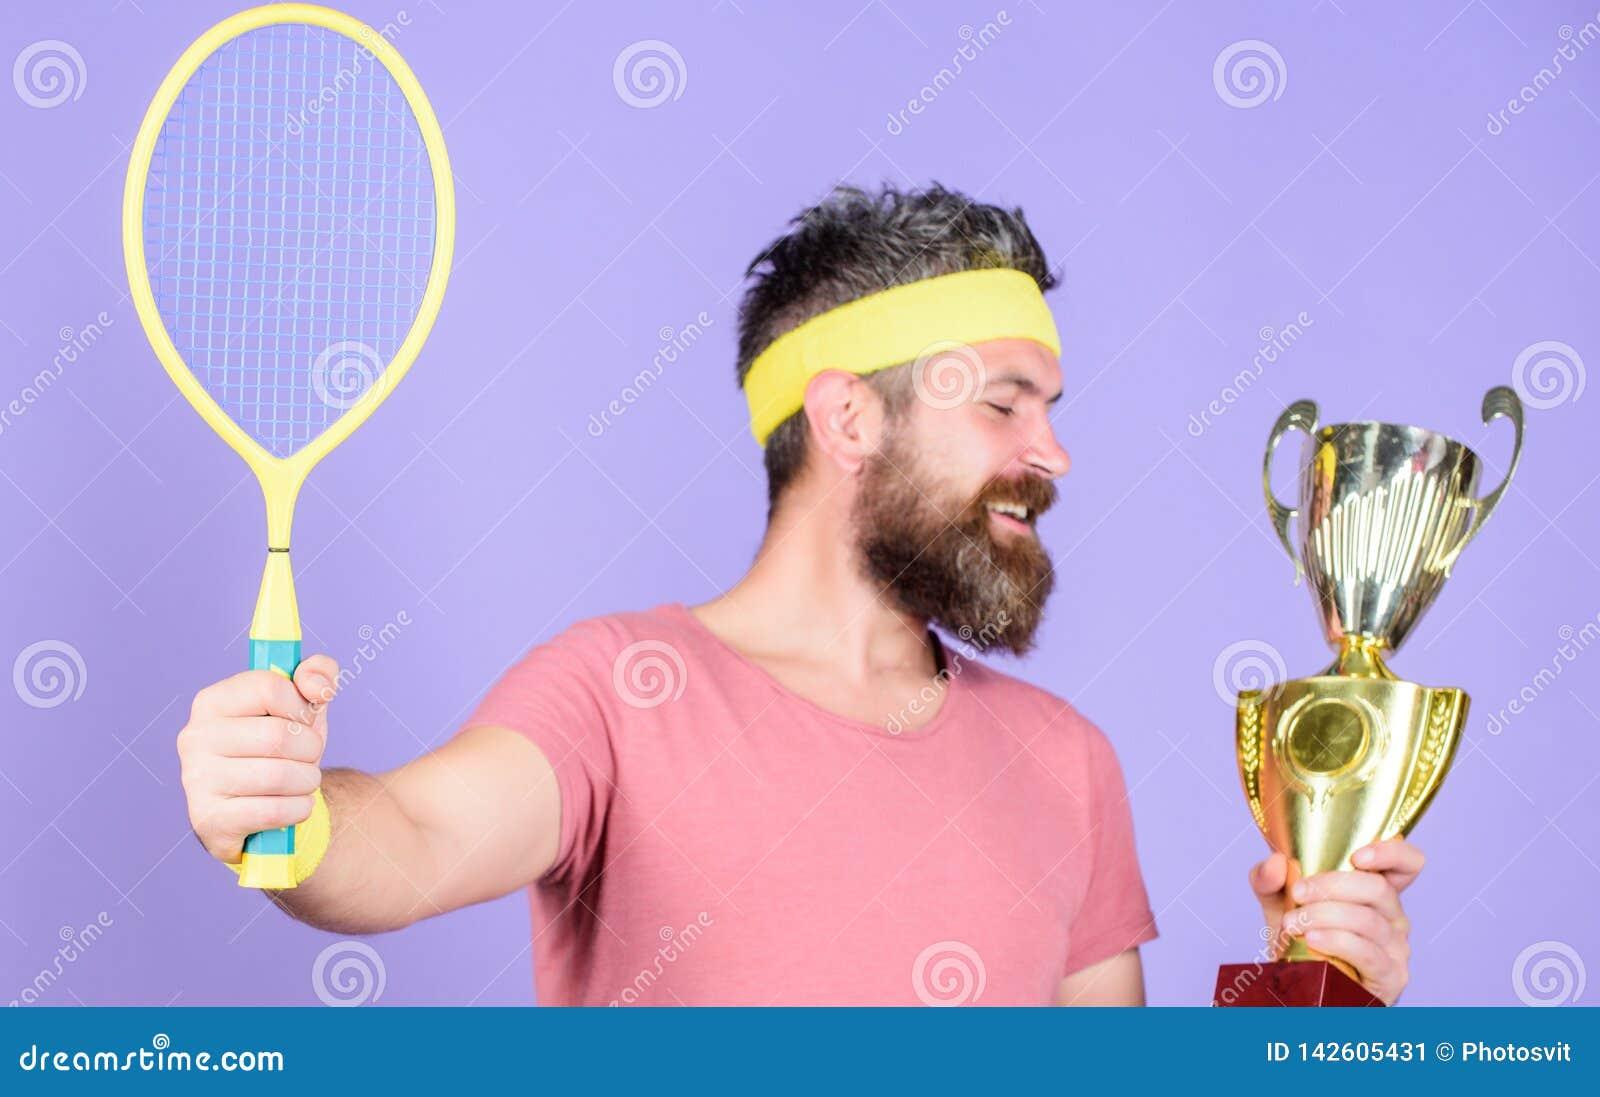 Campeonato da vit?ria do jogador de t?nis Raquete de t?nis da posse do atleta e c?lice dourado Jogo do t?nis da vit?ria Desgaste